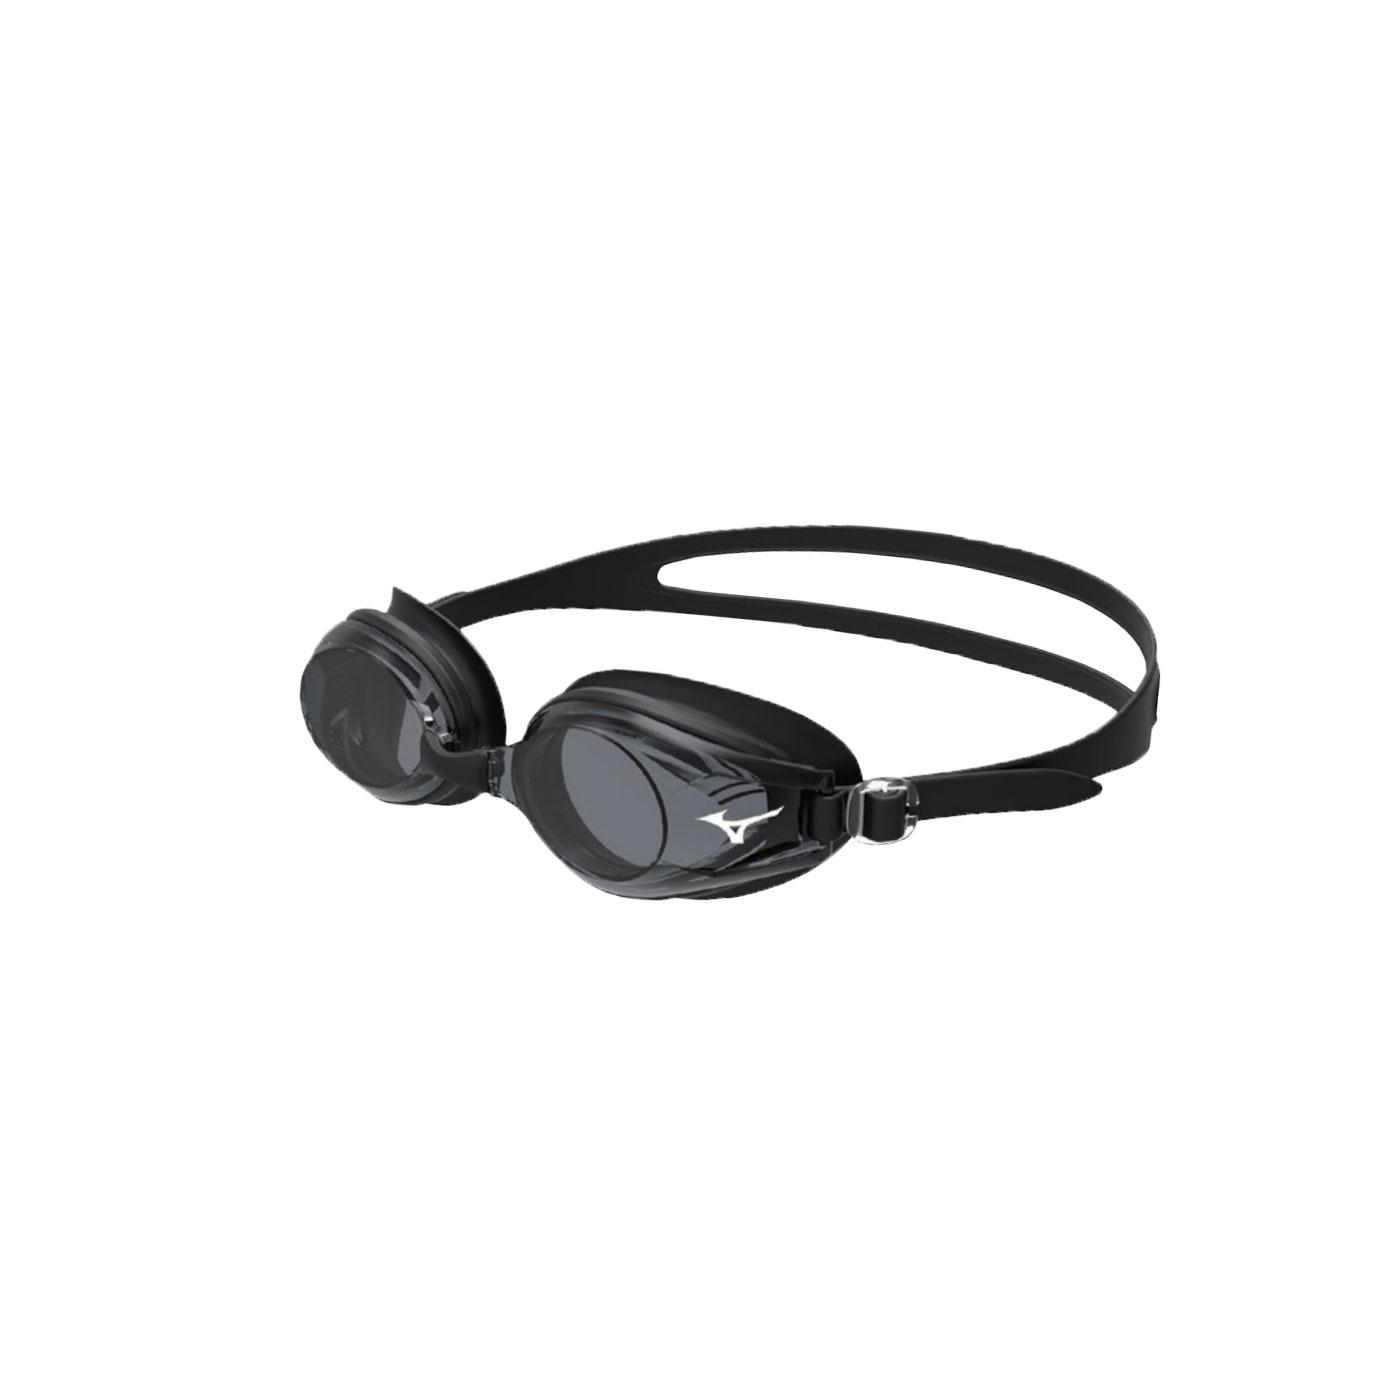 MIZUNO 日製-健康型墊片泳鏡  SWIMN3JE601000-09 - 黑白